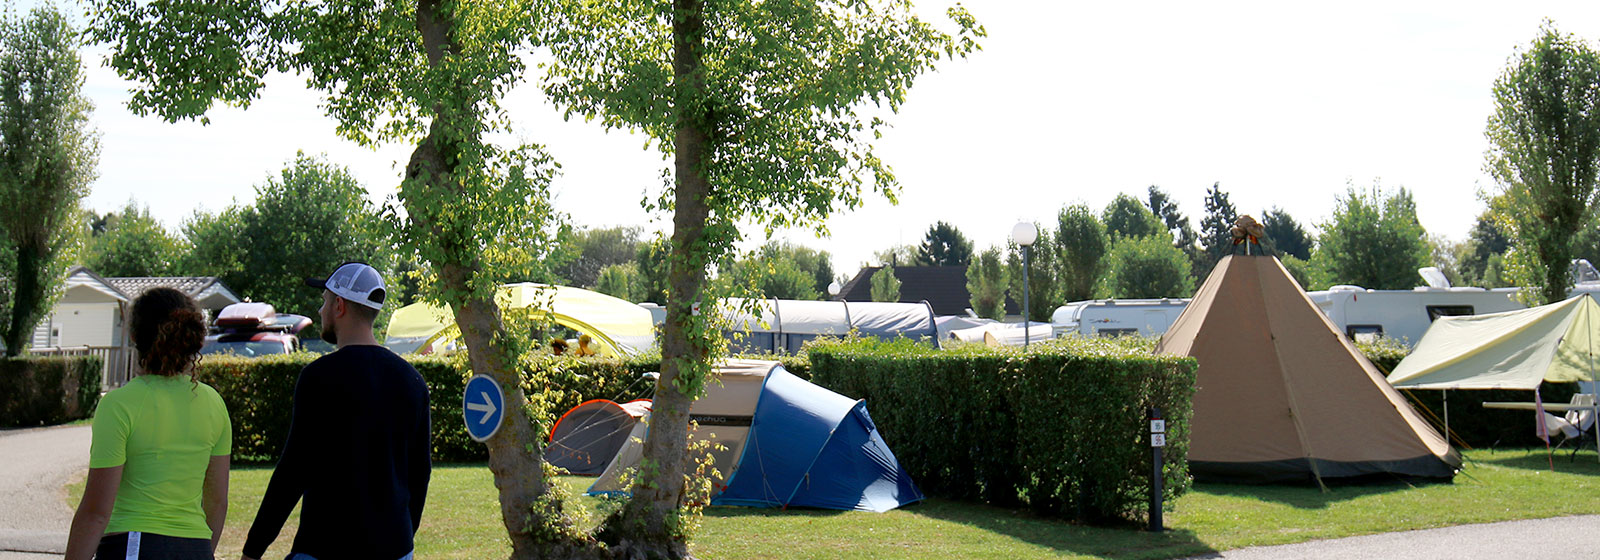 Emplacement camping en Normandie